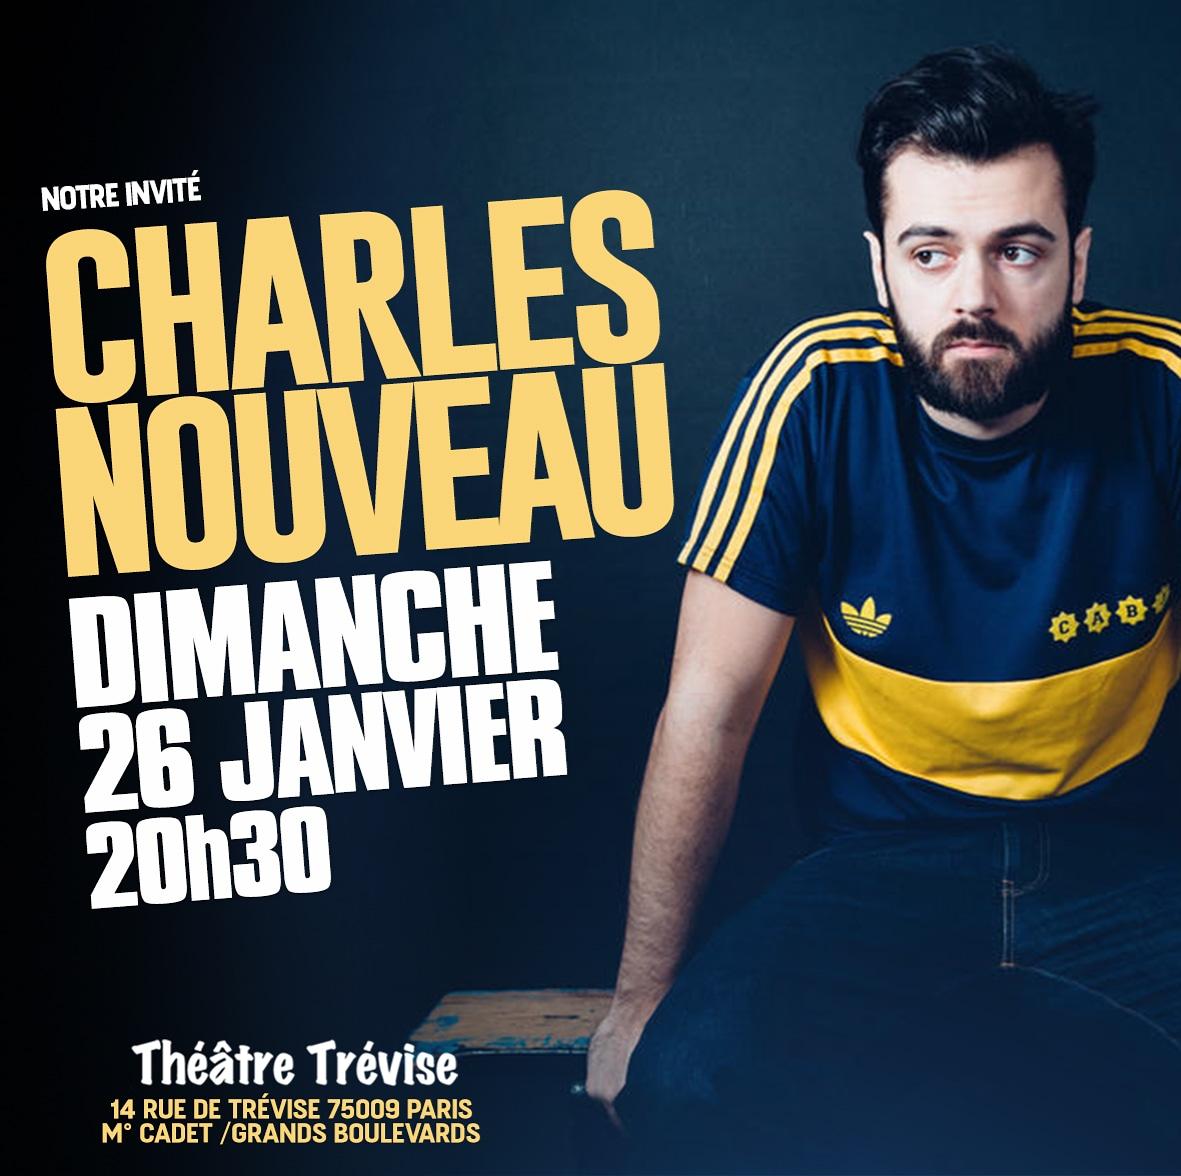 .@CharlesNouveau est le plus suisse de tous nos invités, vous pouvez le retrouver au @TheatreMarais75 ou sur @franceinter. Mais dimanche il sera sur la scène du #FIEALD !  https://www.billetreduc.com/2698/evt.htm  #Paris #Theatre #StandUp #Suisse #Humour #SceneOuverte #SortirAParis pic.twitter.com/vef0MxXuy0